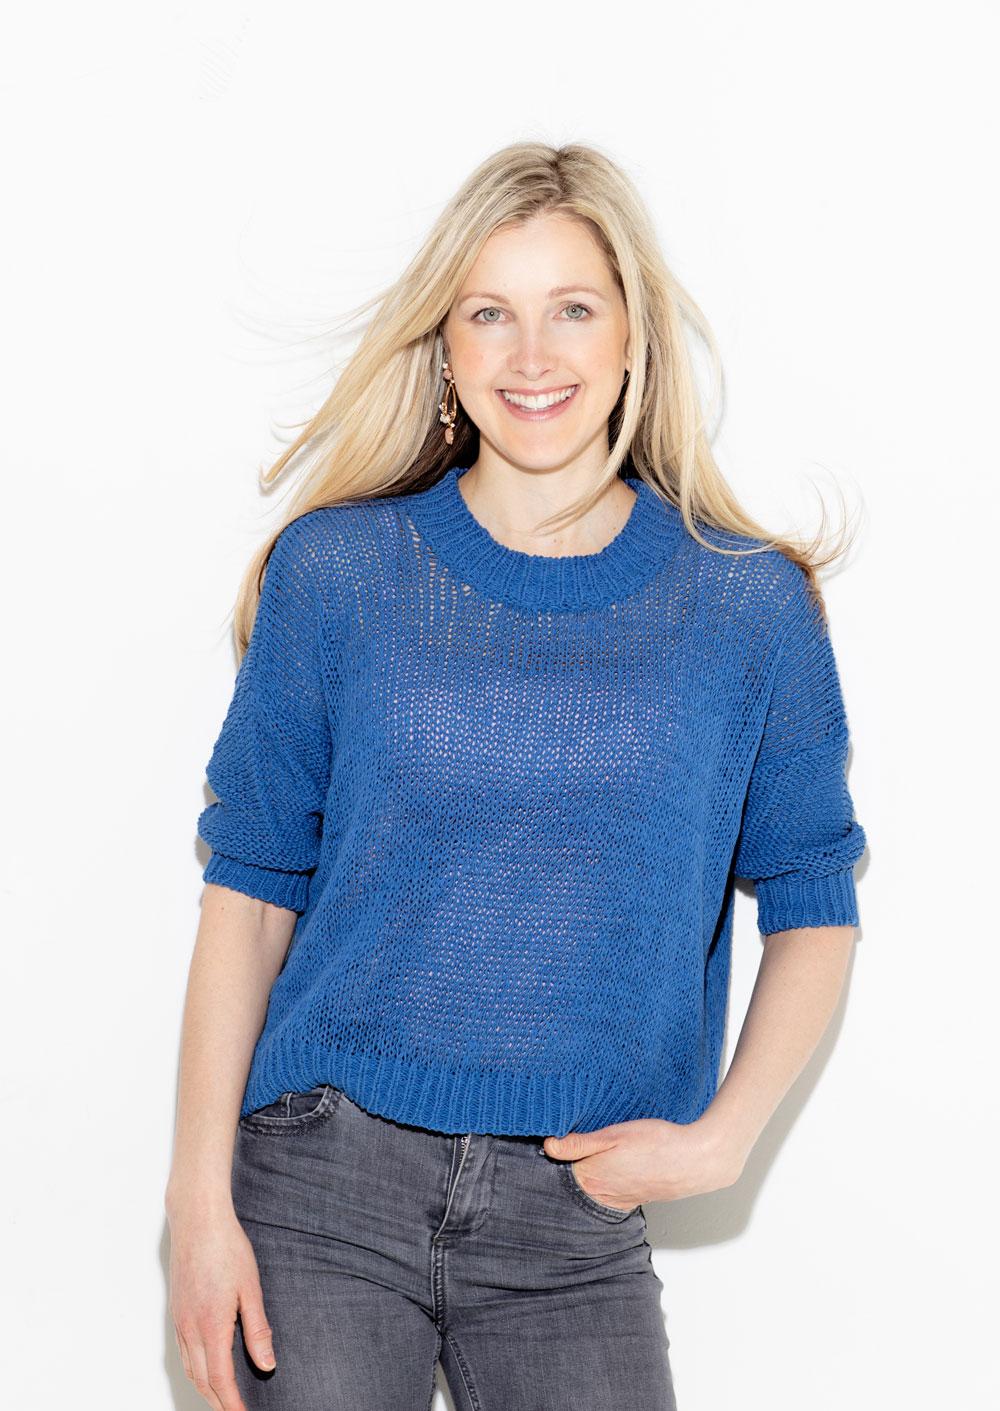 Biomedizinerin, Wonderwoman, Ernährungsexpertin, Foodlover und Jungunternehmerin Vanessa Craig.